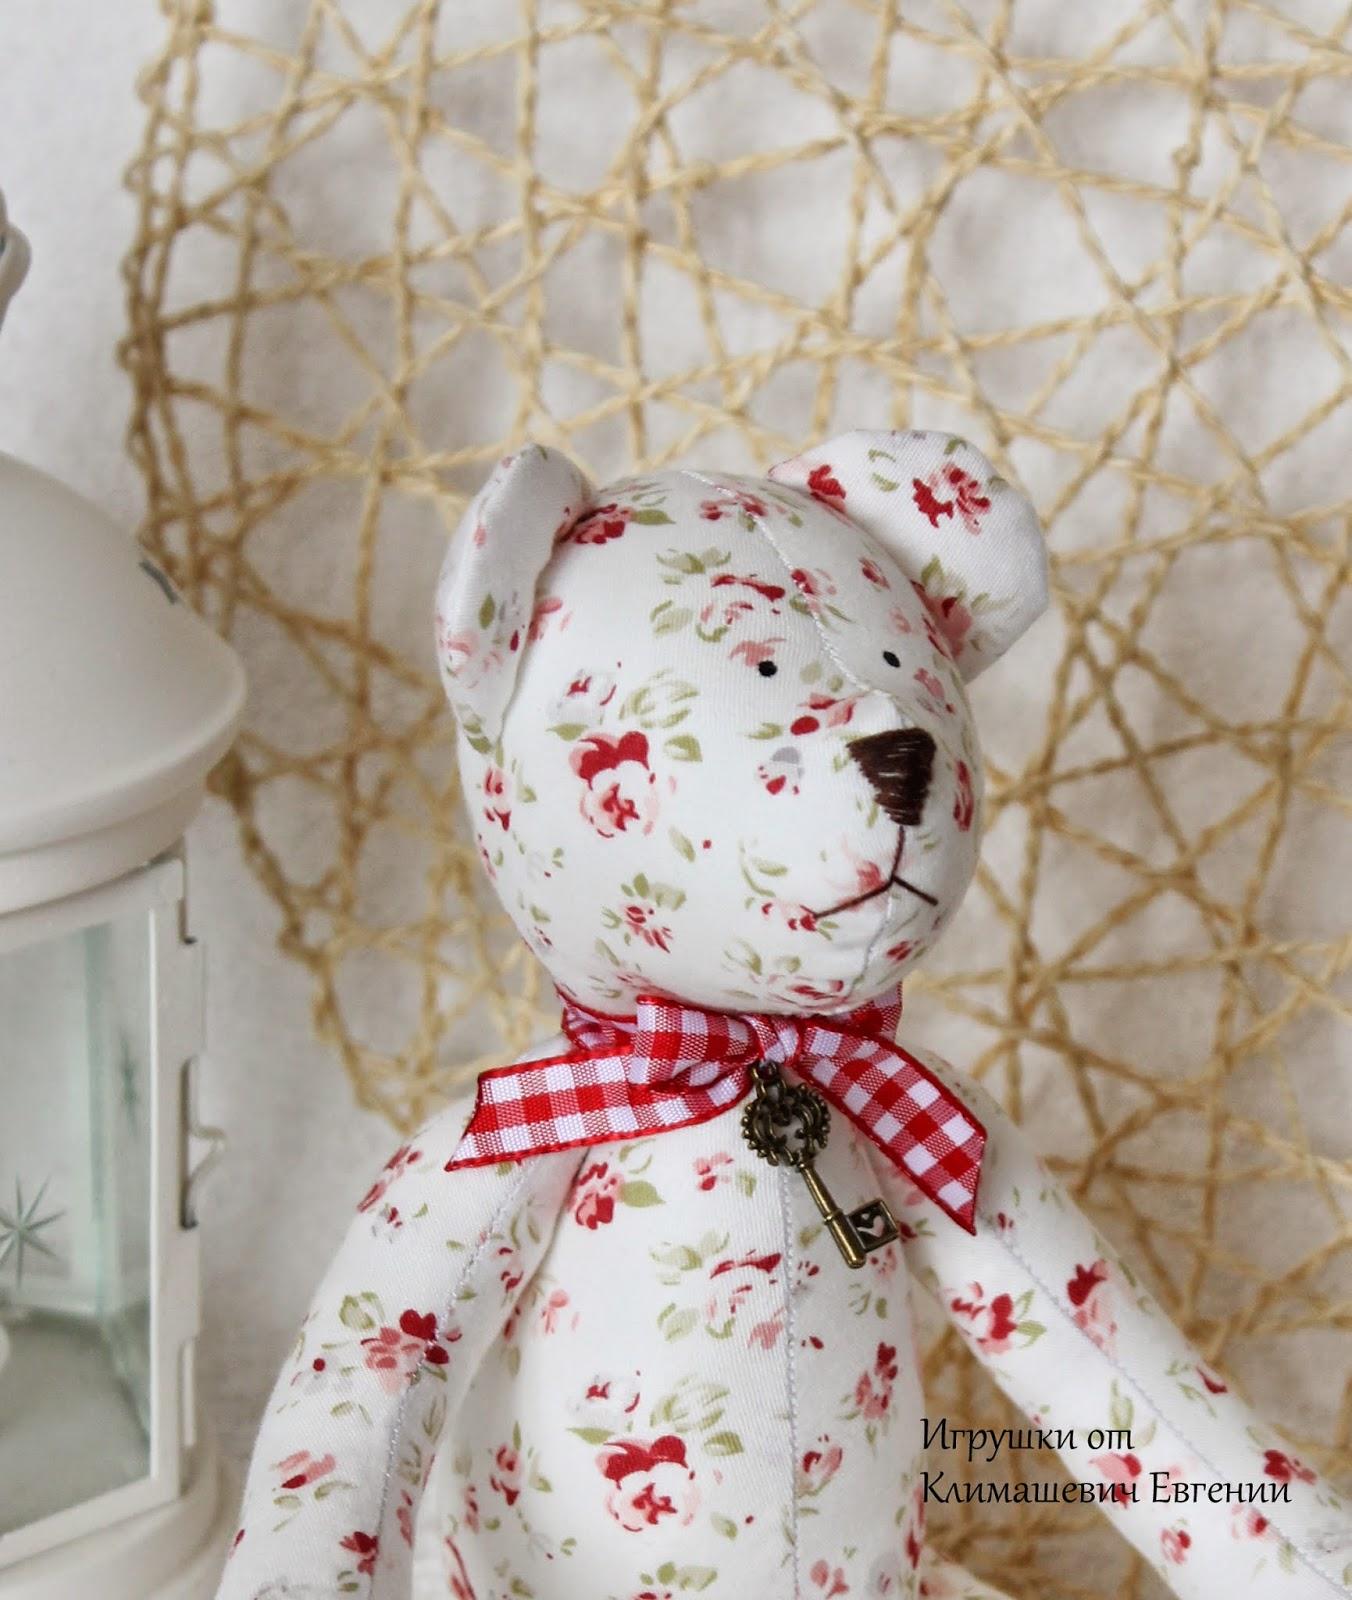 Мишка, медведь, медвежонок, мишка тильда, игрушка мишка, купить мишку, купить игрушку, мишка ручной работы, мишка тедди, текстильный мишка, мишка с бантиком